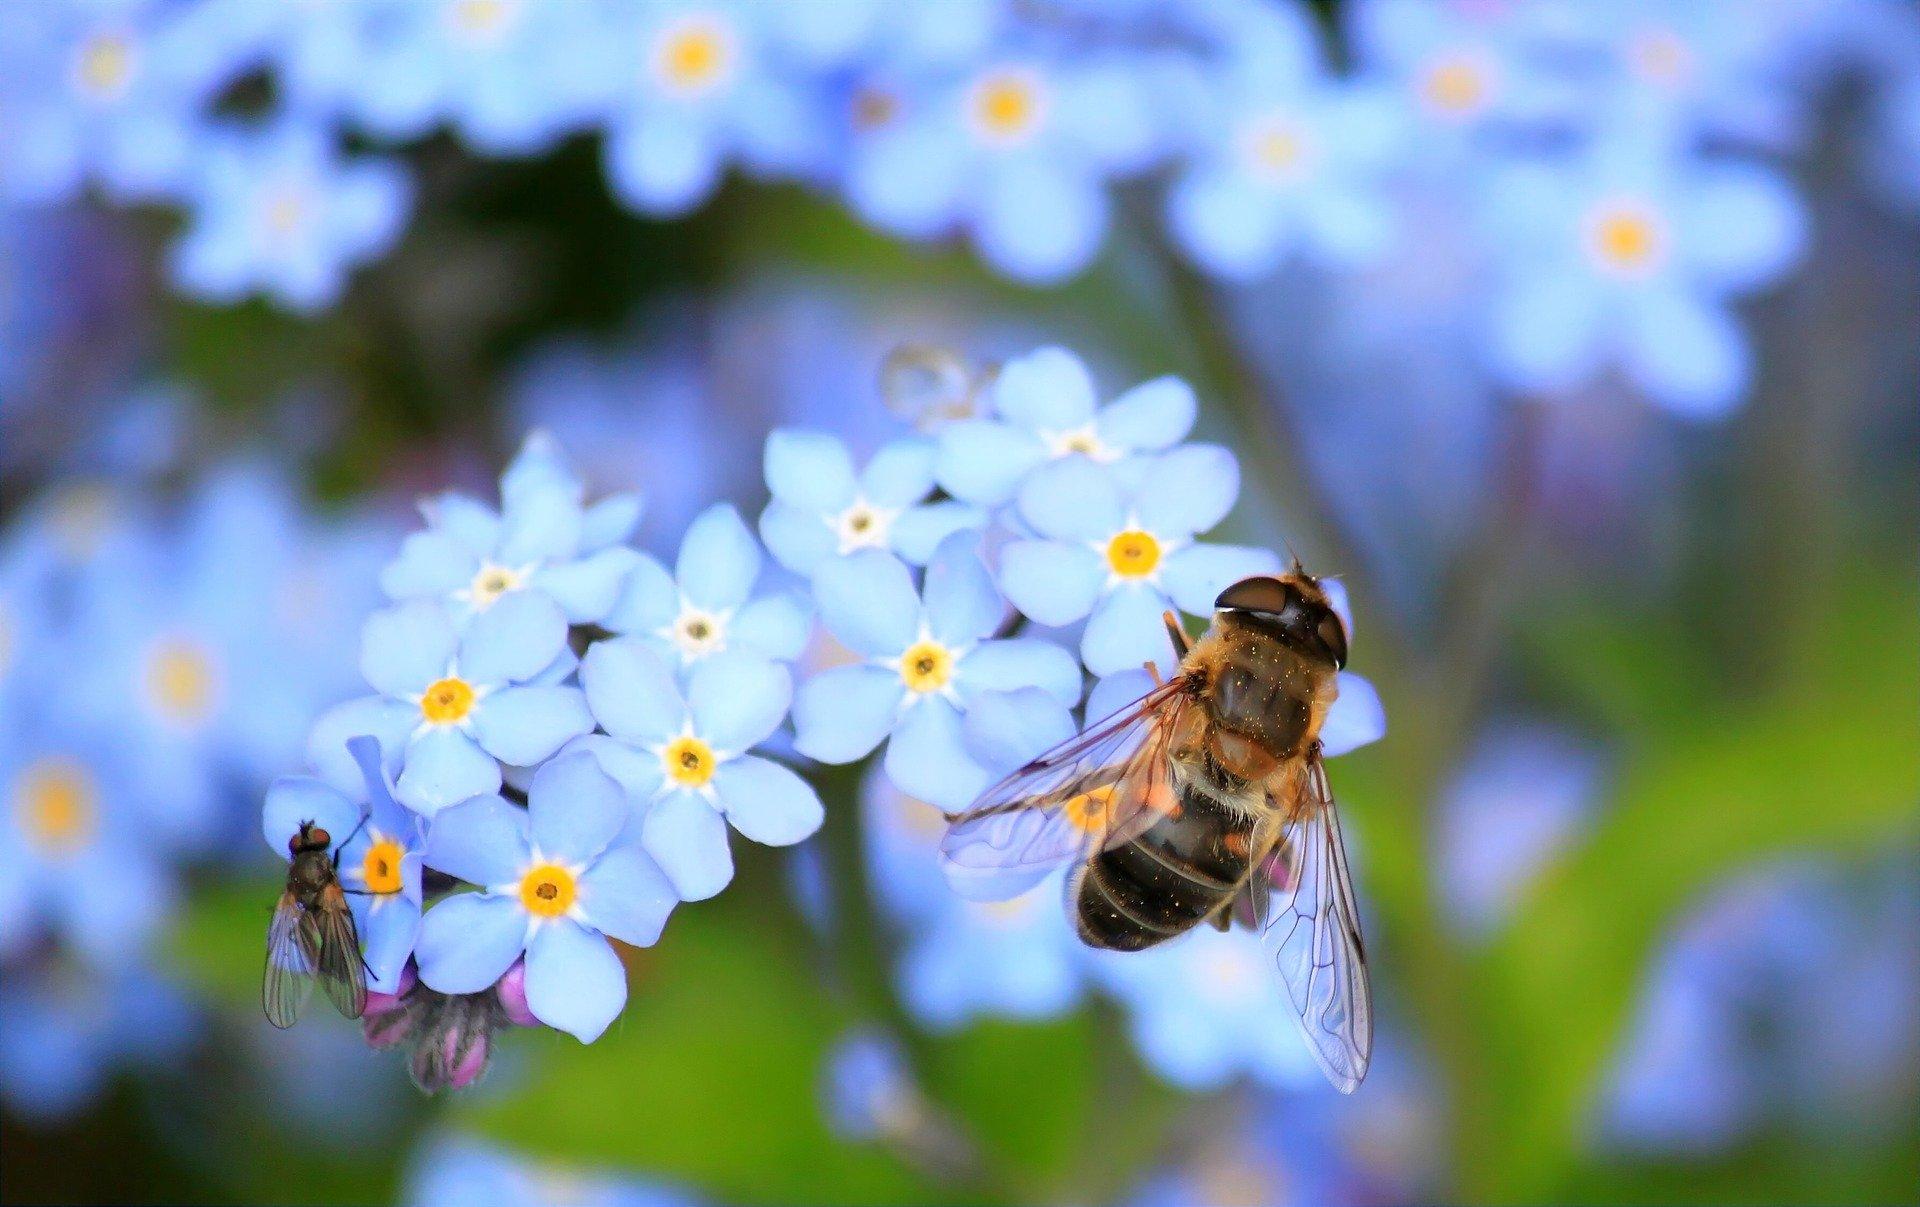 蜂がいなくなったら、人は4年以上生きられない。